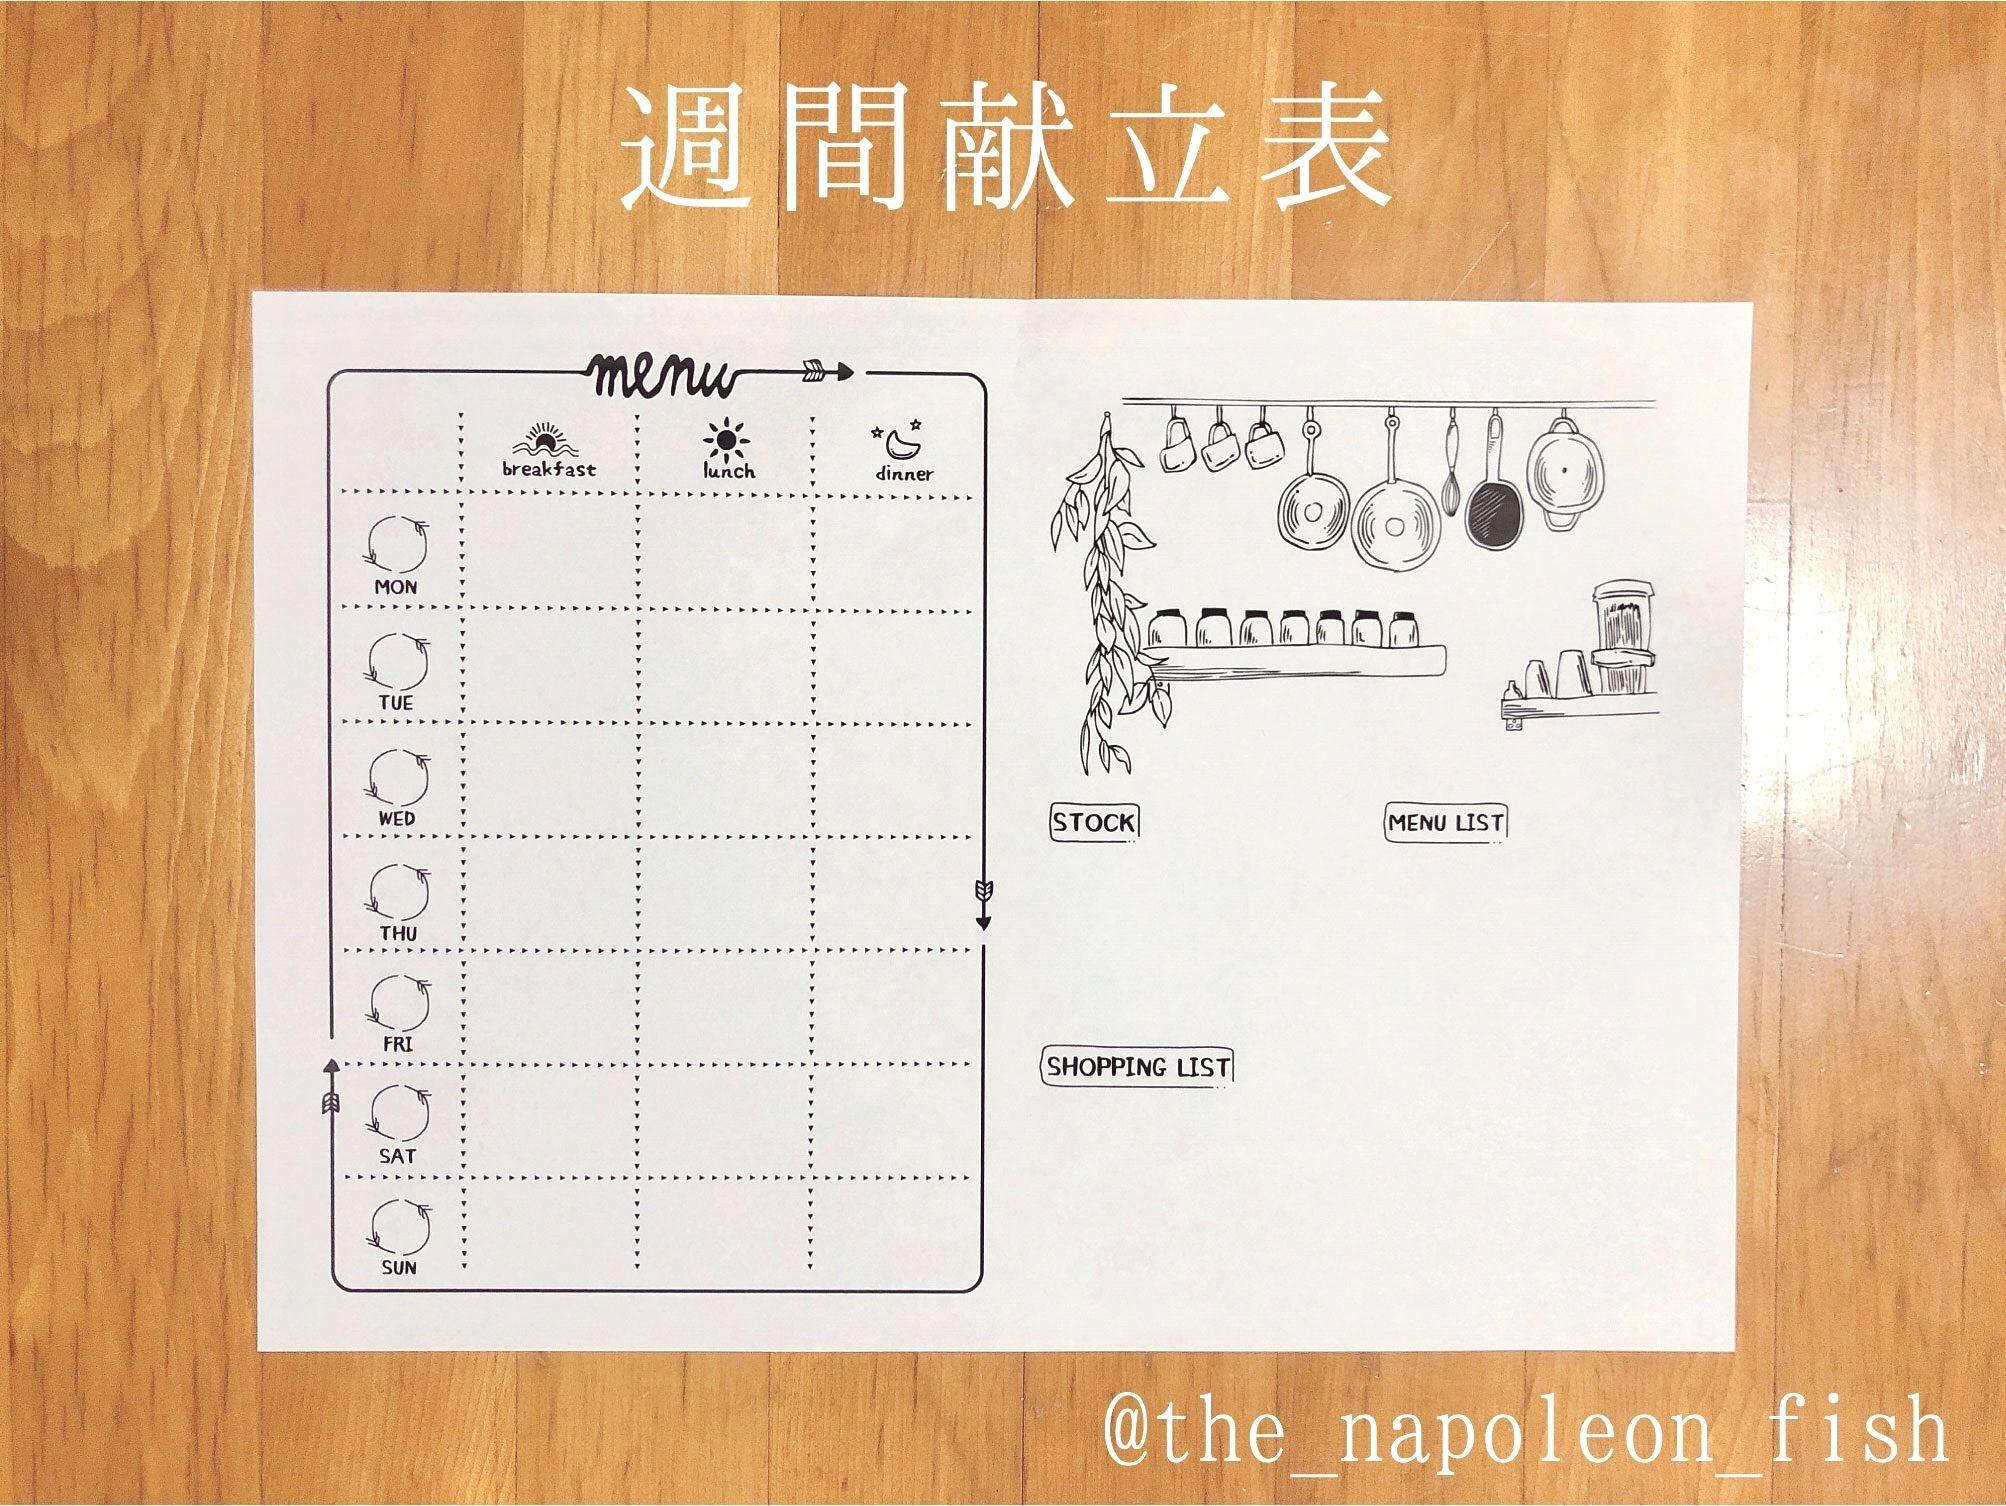 週間献立表 やまおときょすの手描き家計簿 Powered By Base 献立